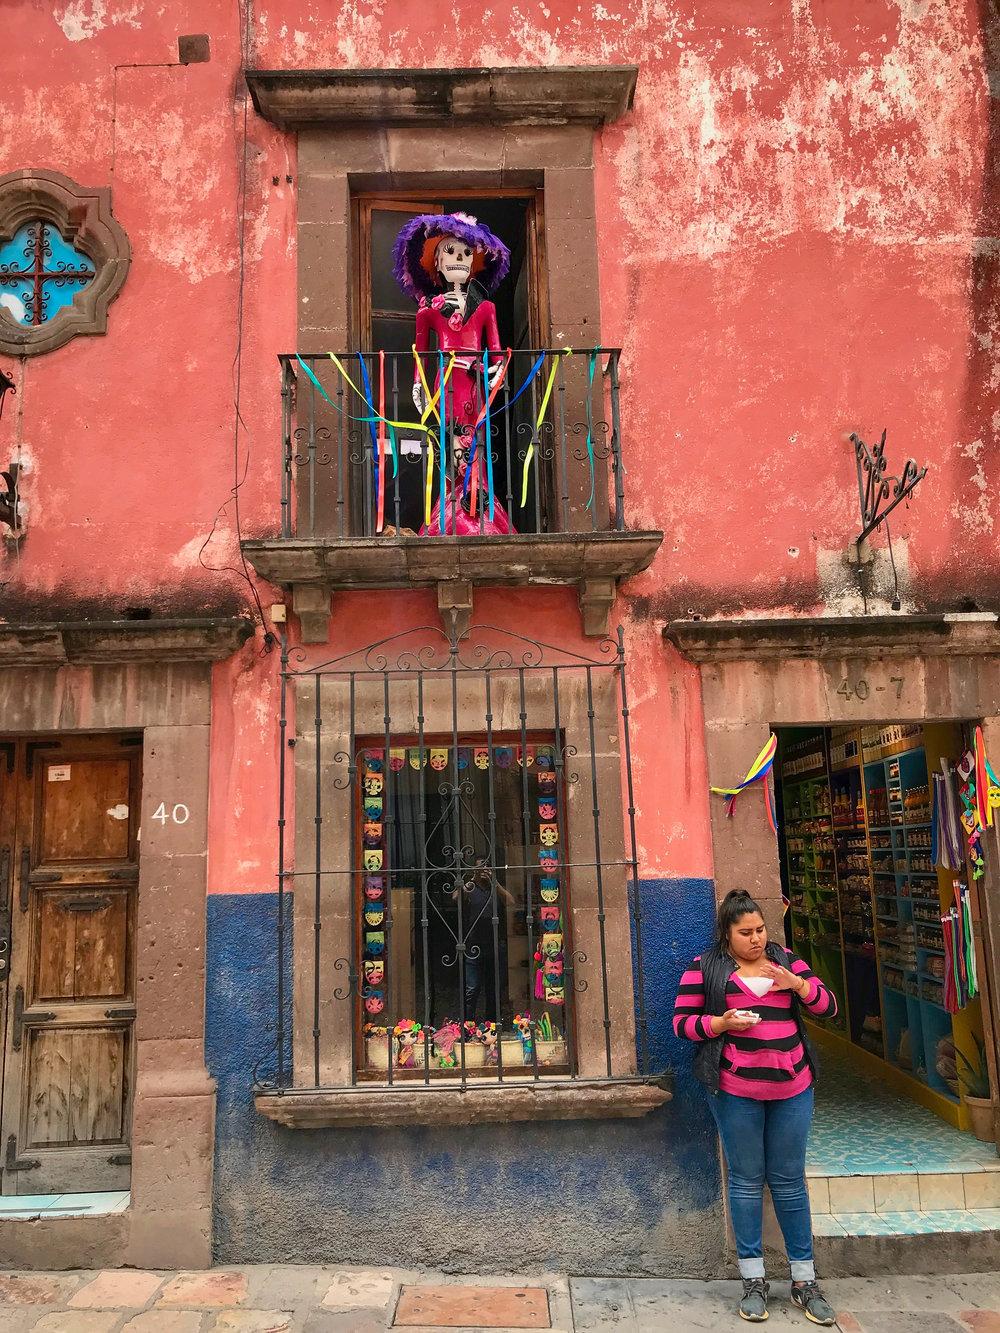 Typica Balcony Skull decoration in  San Miguel De Allende, Guanajuato, Mexico